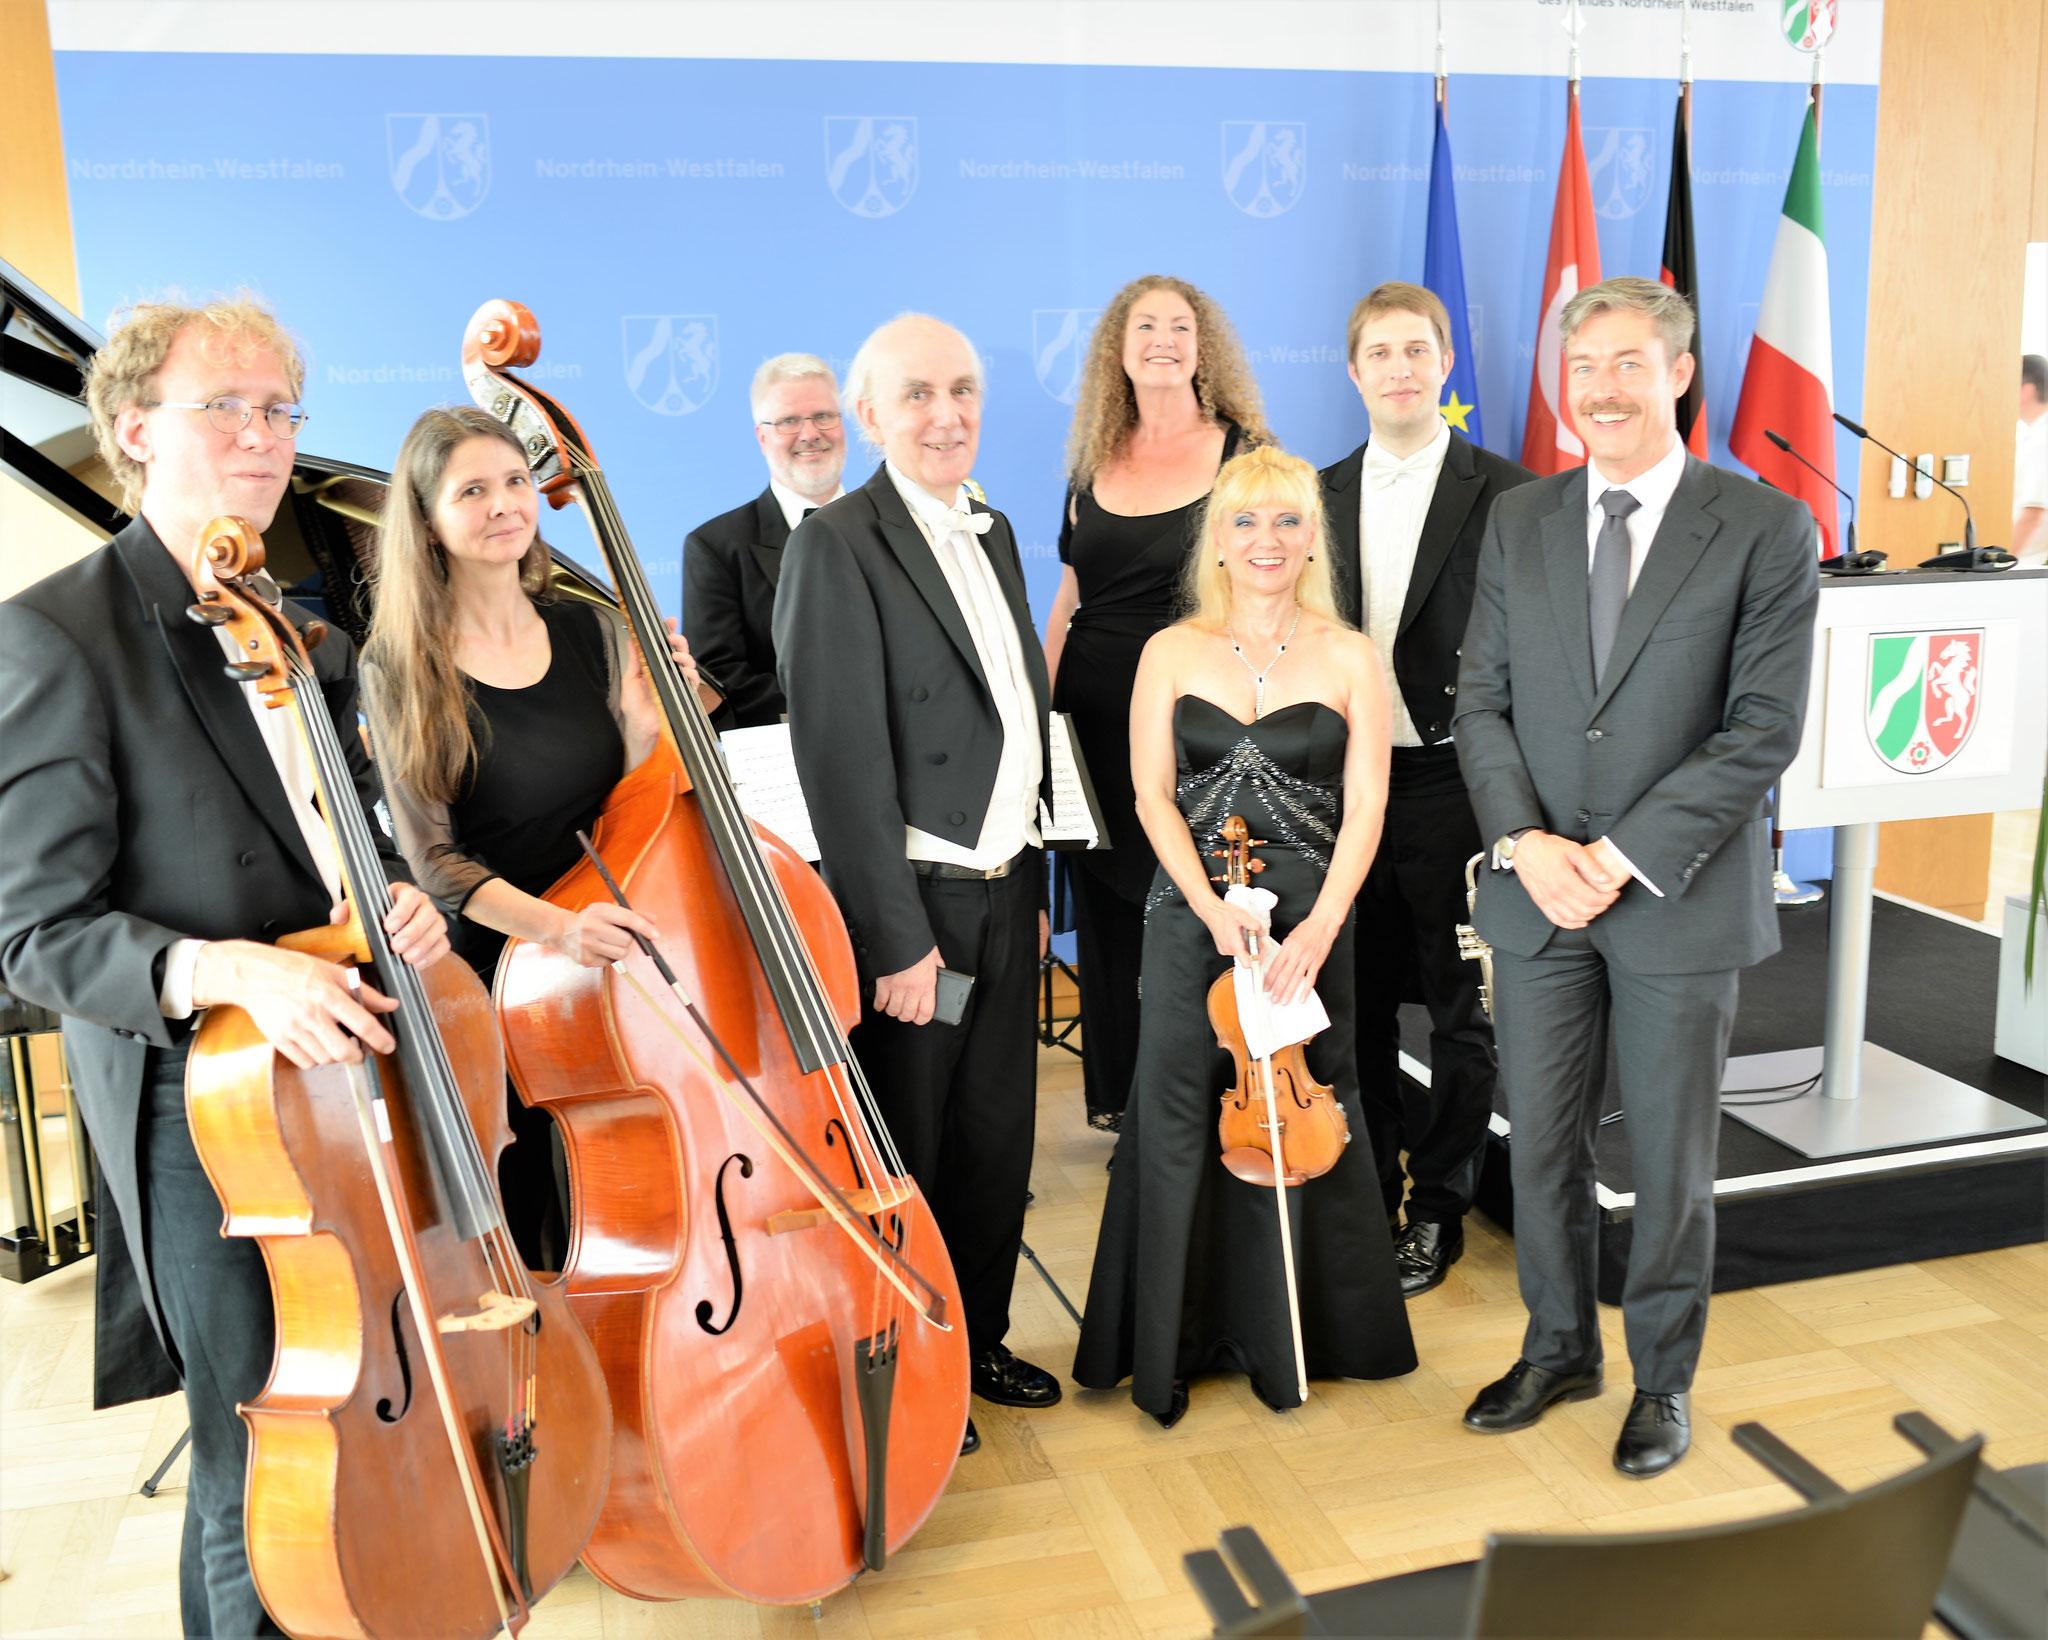 Turkish Chamber Orchestras bei der Gedenkfeier zum 25. Jahrestag des Brandanschlags in Solingen am 29.05.2018 in der Staatskanzlei in Düsseldorf - Foto: Frank Norden